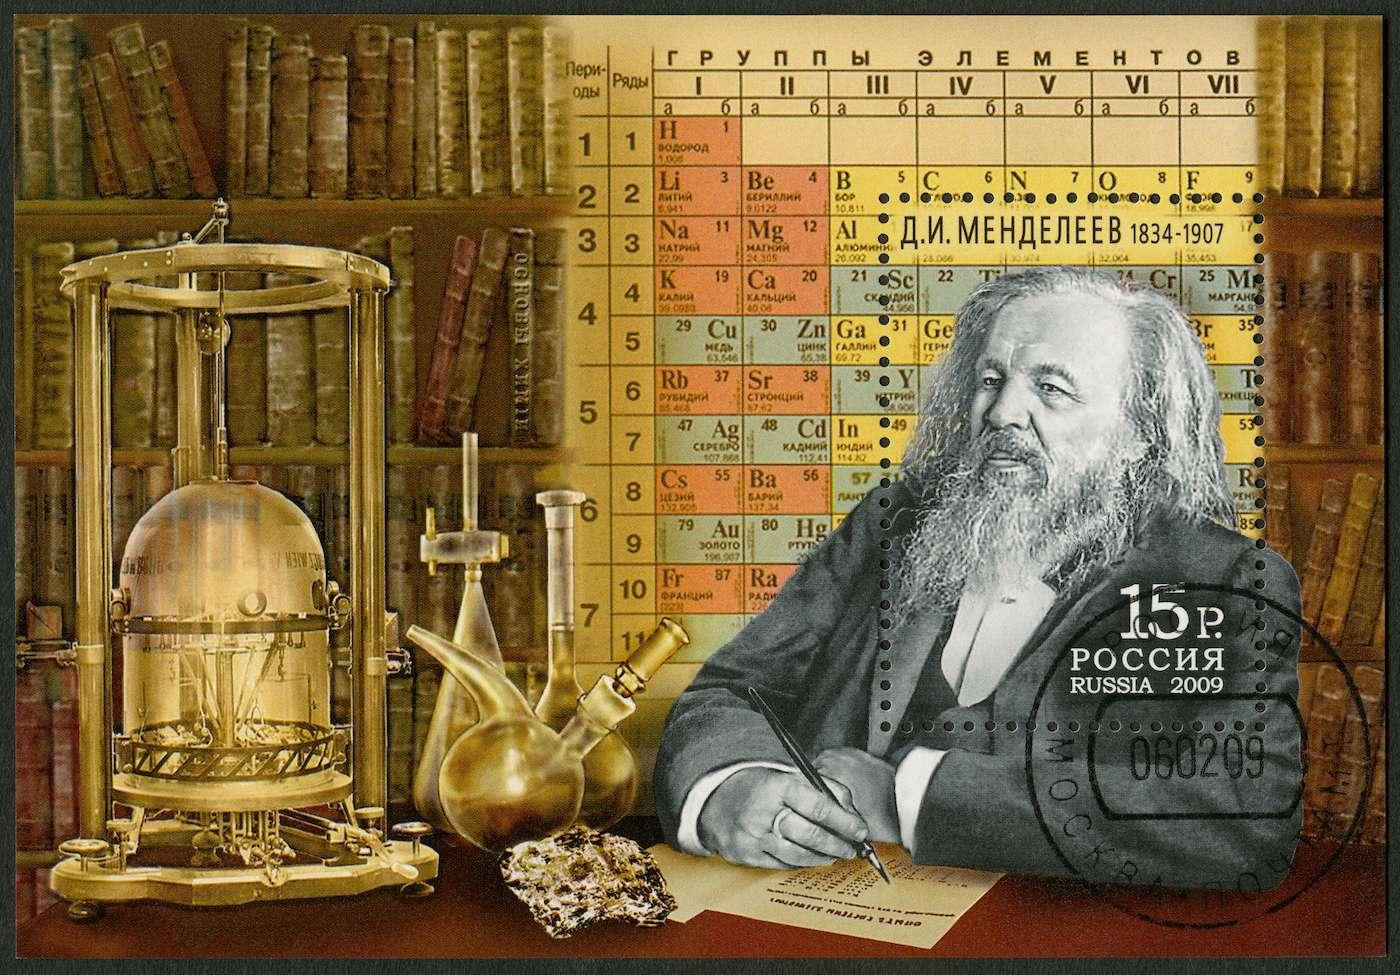 Le mendélévium a été baptisé en hommage au chimiste russe Dmitri Mendeleïev. © Olga Popova, Shutterstock.com